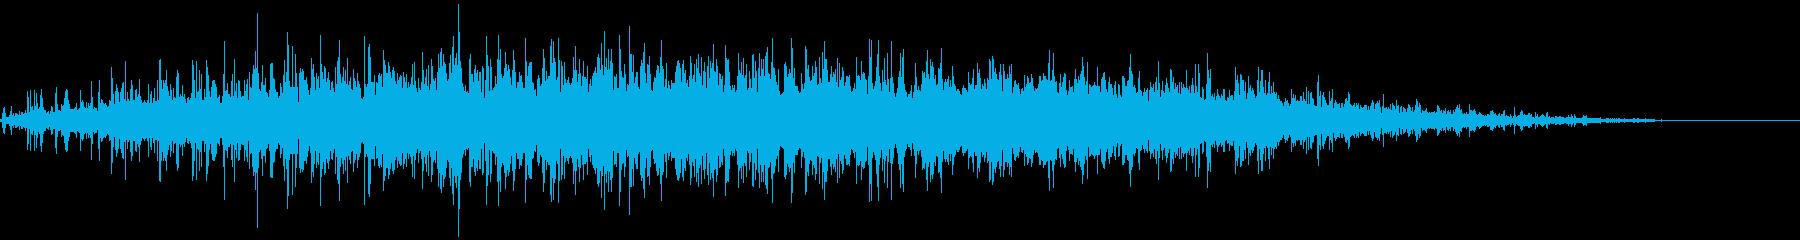 大勢の拍手 パチパチパチの再生済みの波形